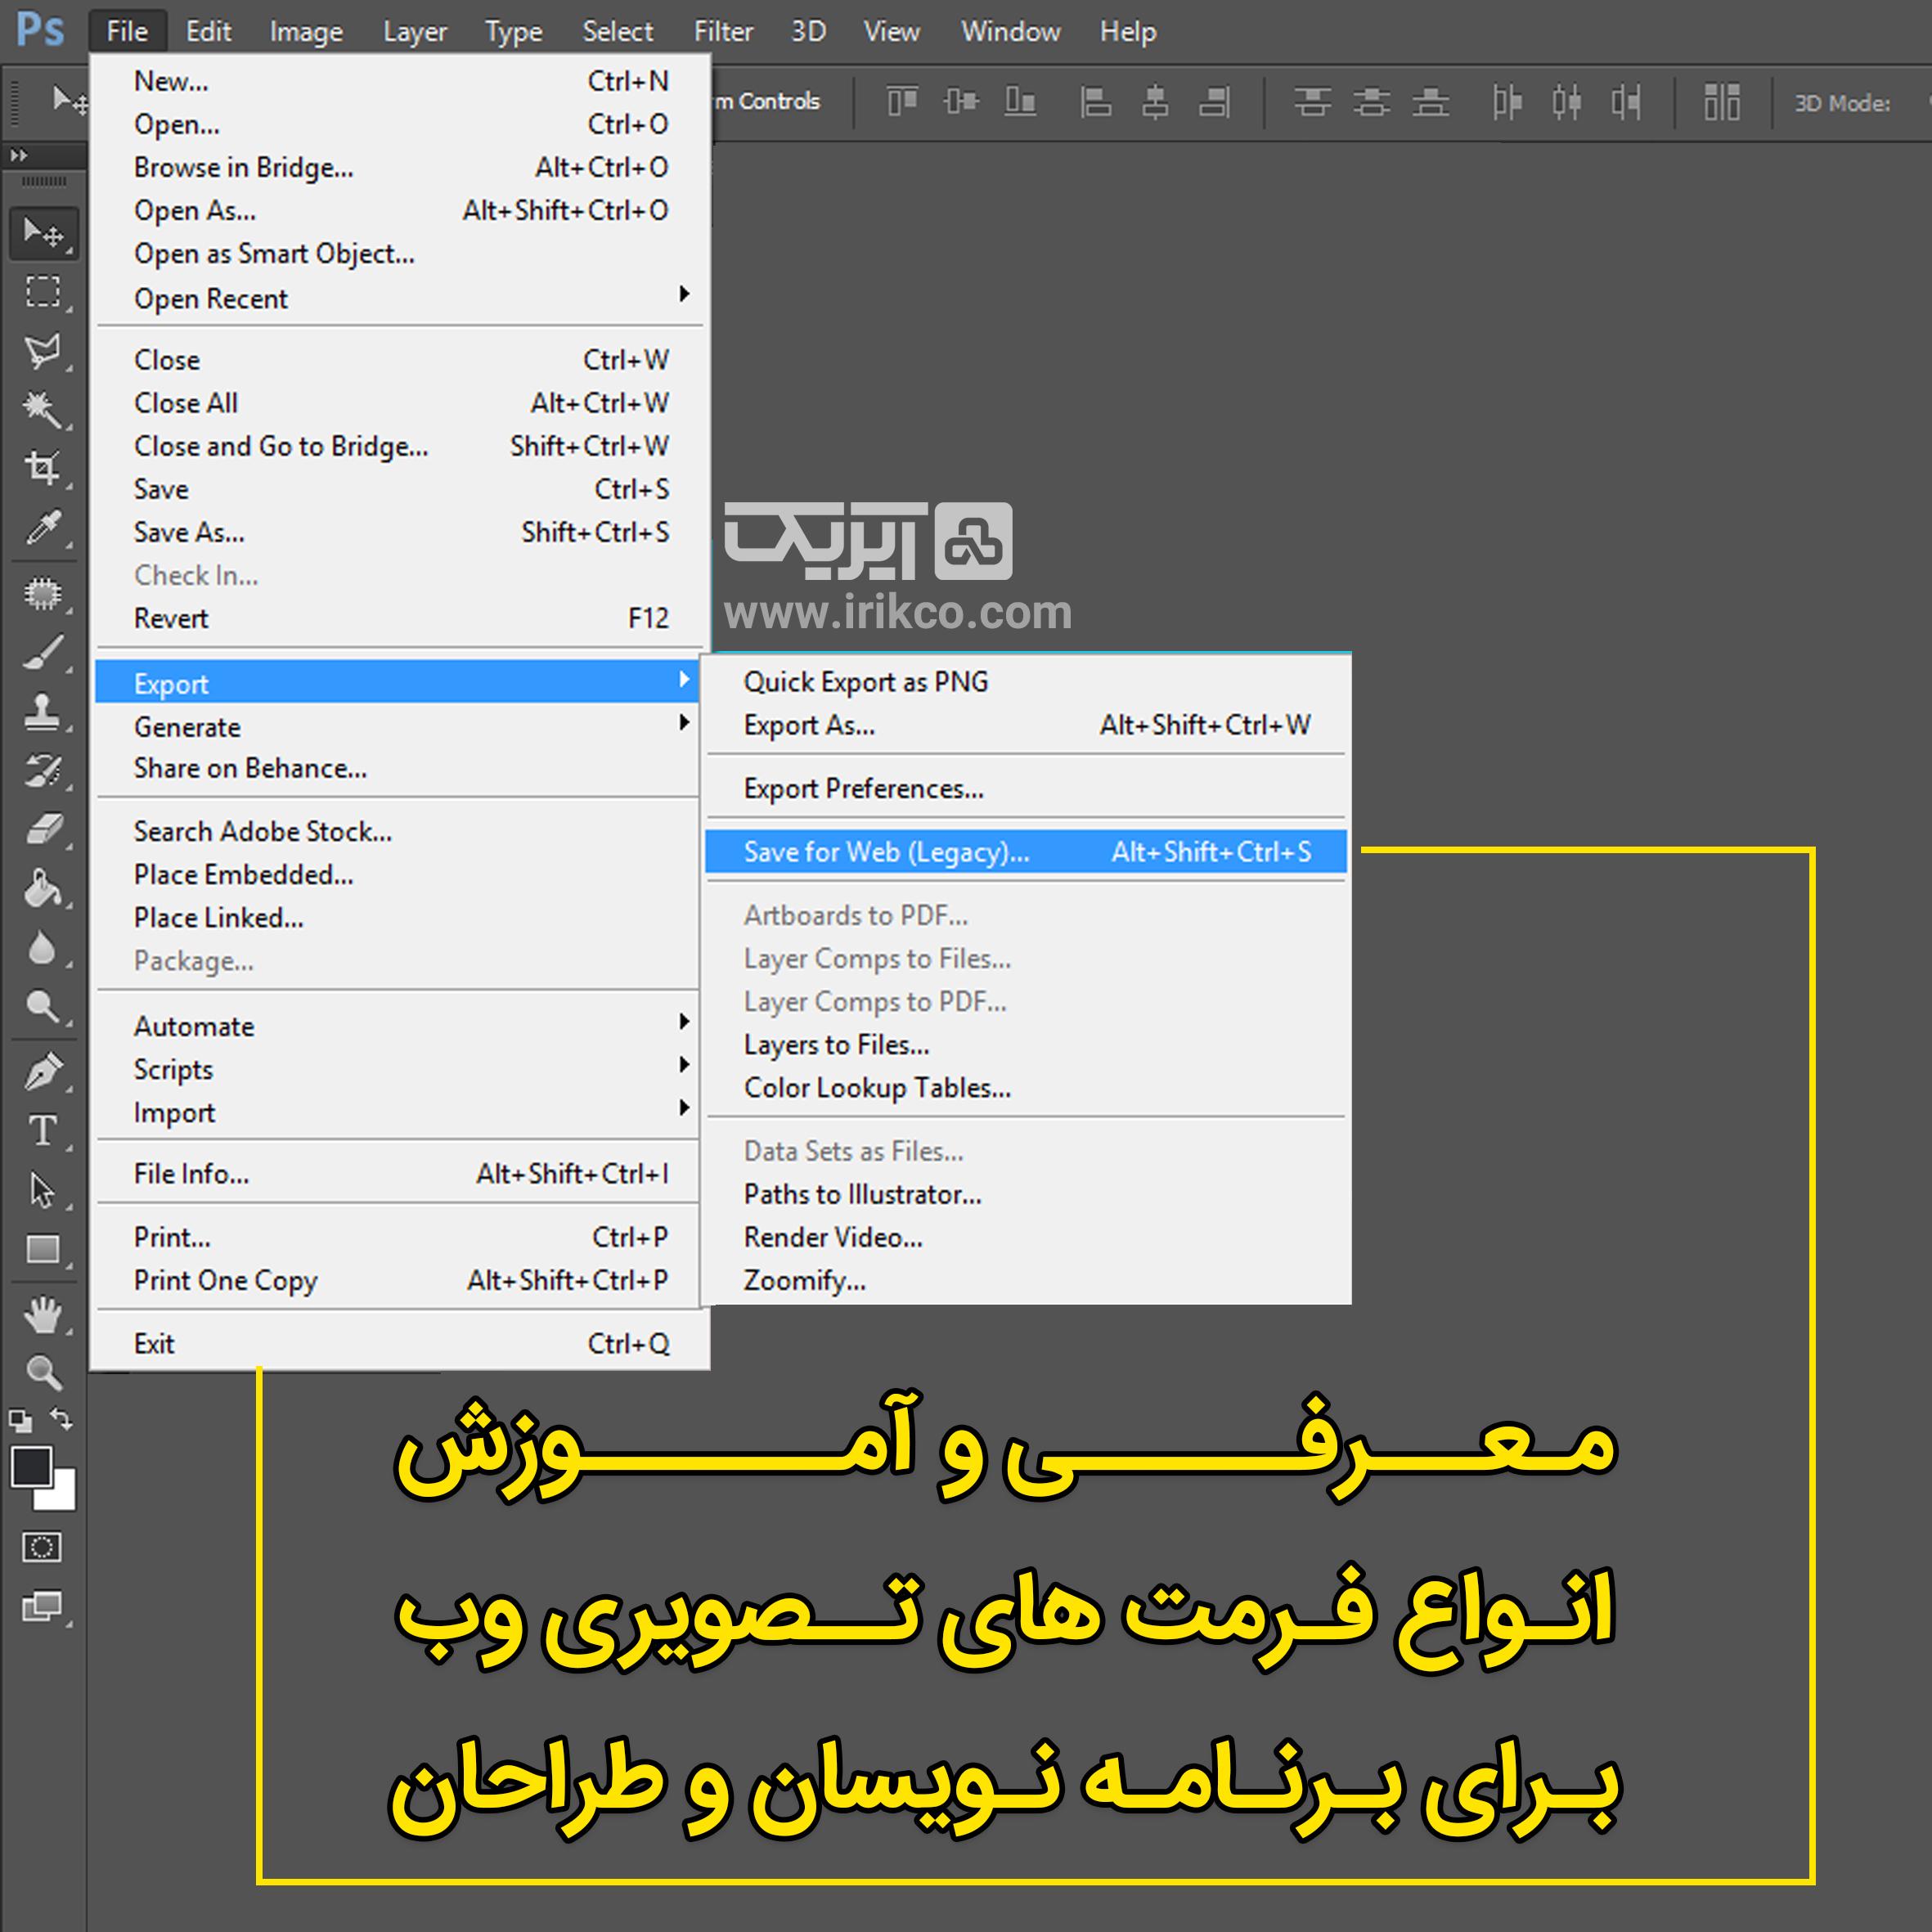 معرفی و آموزش انواع فرمت های تصویری وب برای برنامه نویسان و طراحان